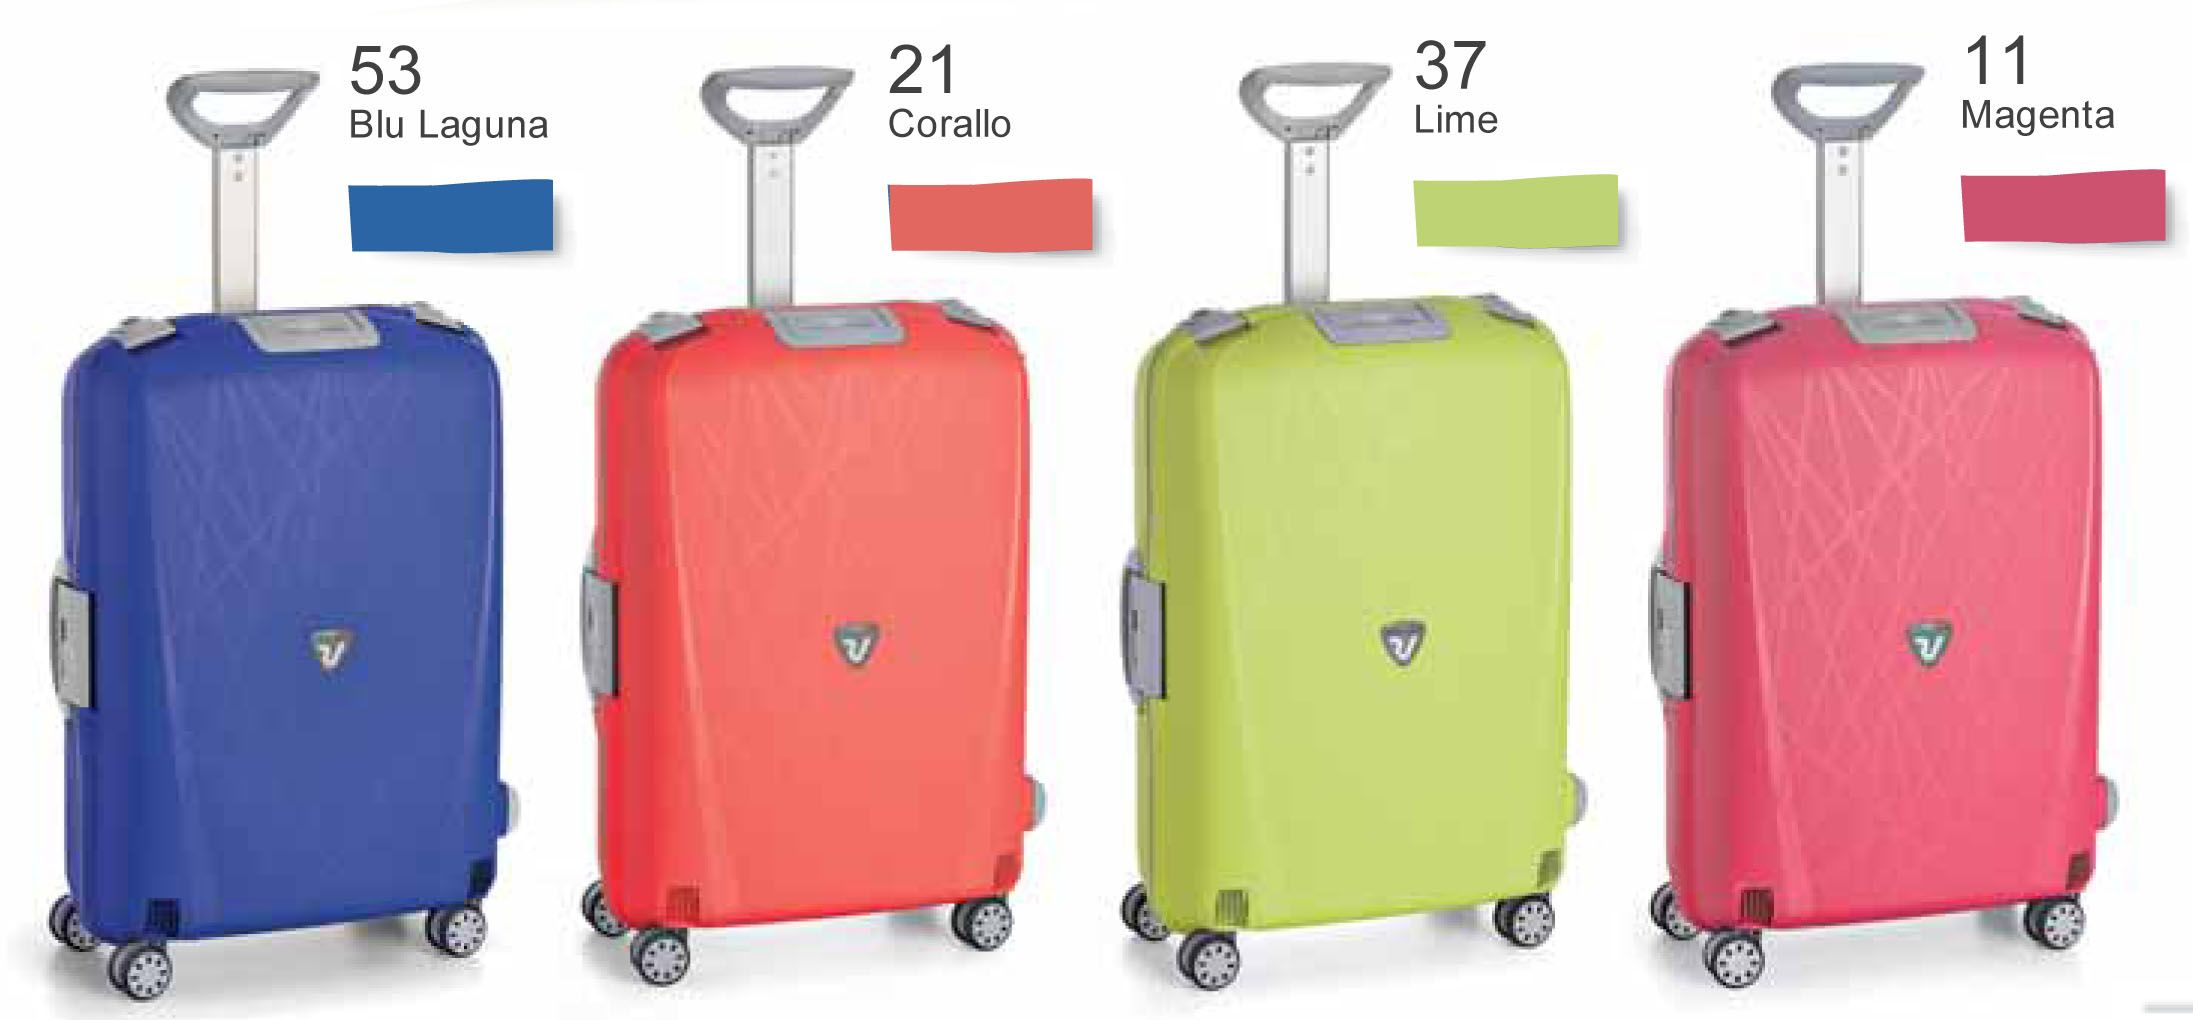 70cc3eeb5 Maletas de Viaje rígidas de la marca Roncato. Equipaje de viaje compatible  con las medidas